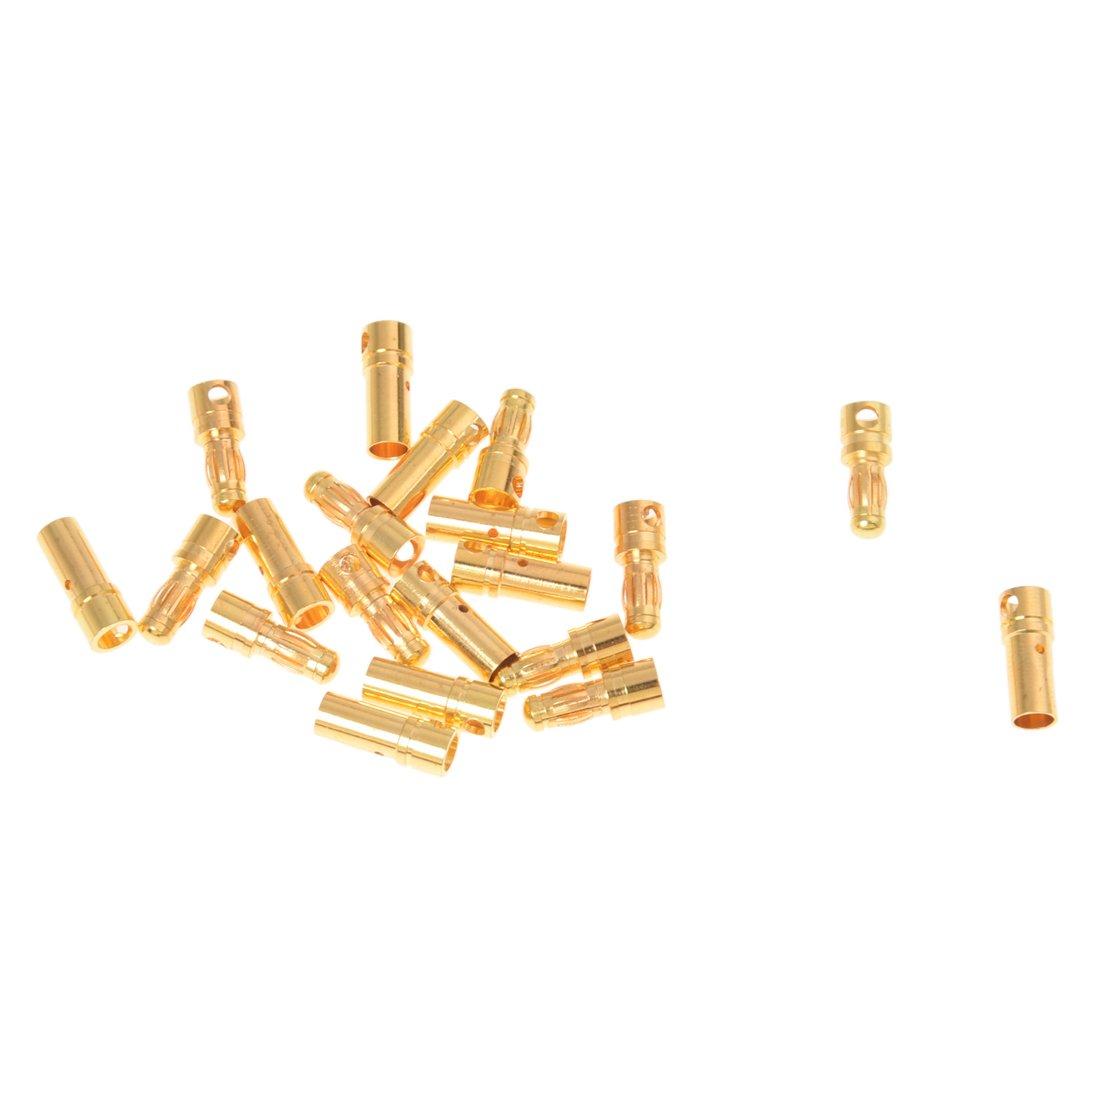 SODIAL(R) 10 Paia Connettori Spine Giallo a Banana Maschio Femmina 3, 5MM in Rame 026282